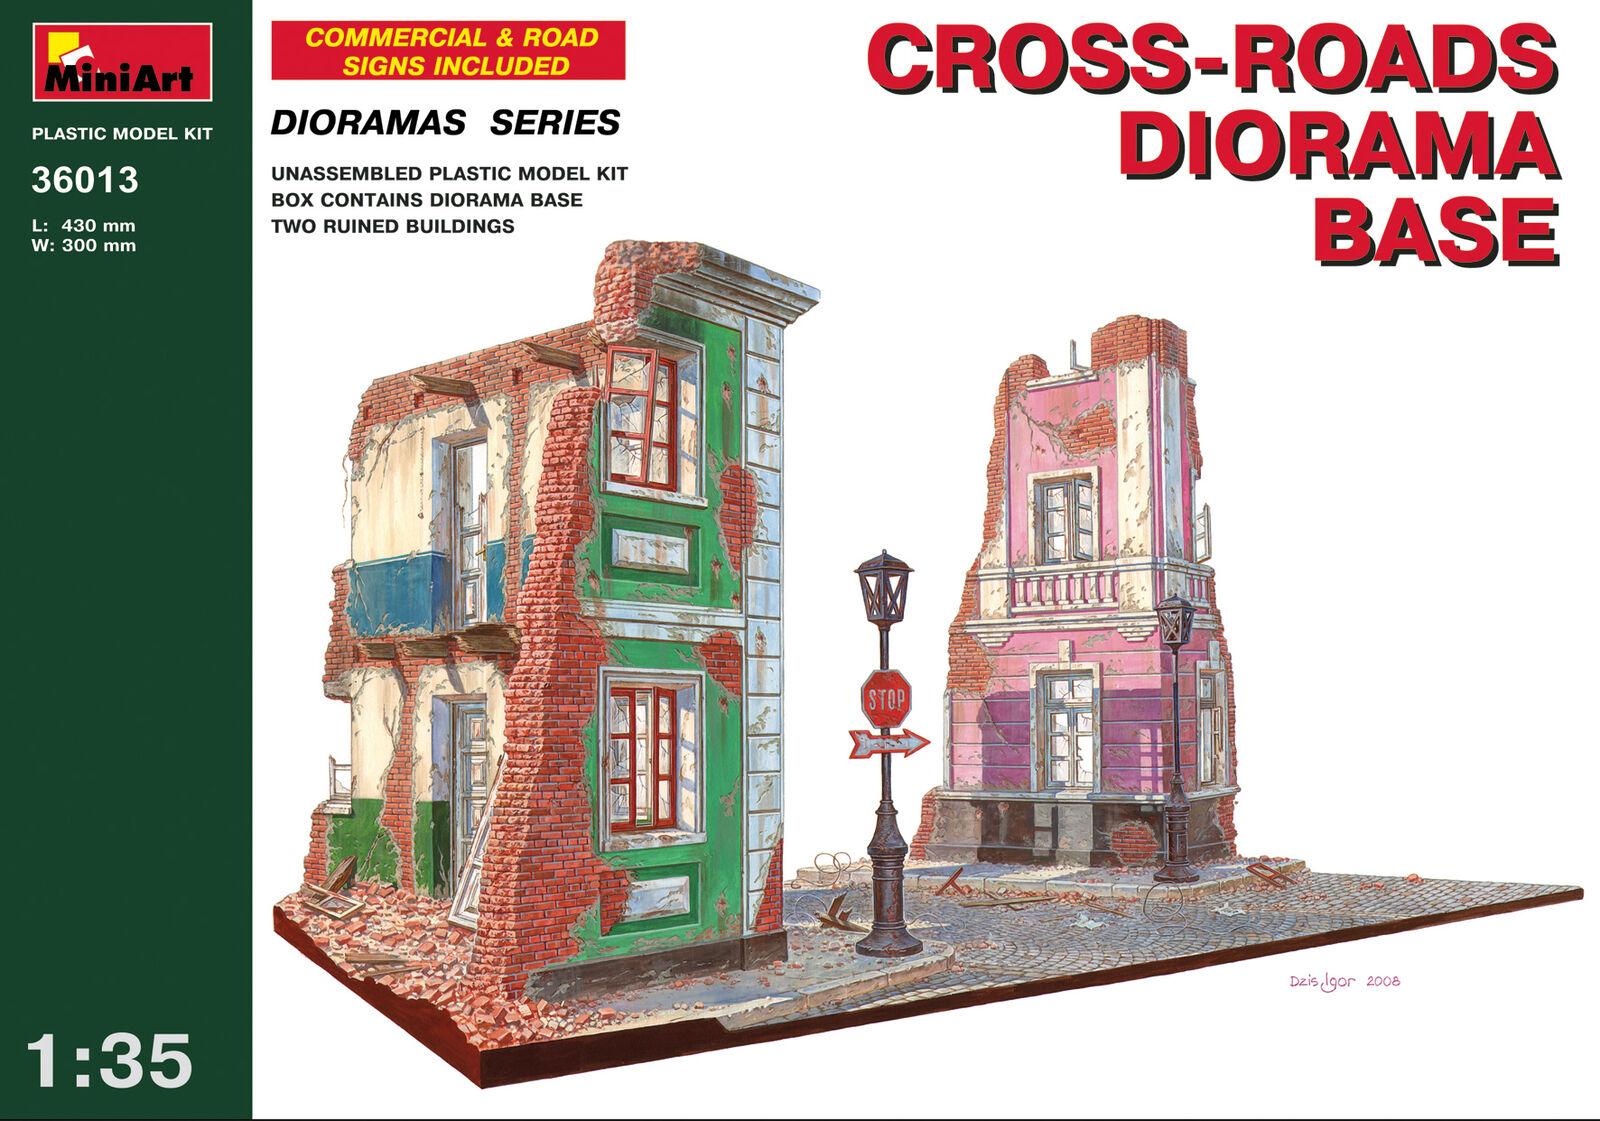 Minikonst 36013 -1  35 Cross -Roads Diorama Base skala Plastic modellllerler Kit 430 mm